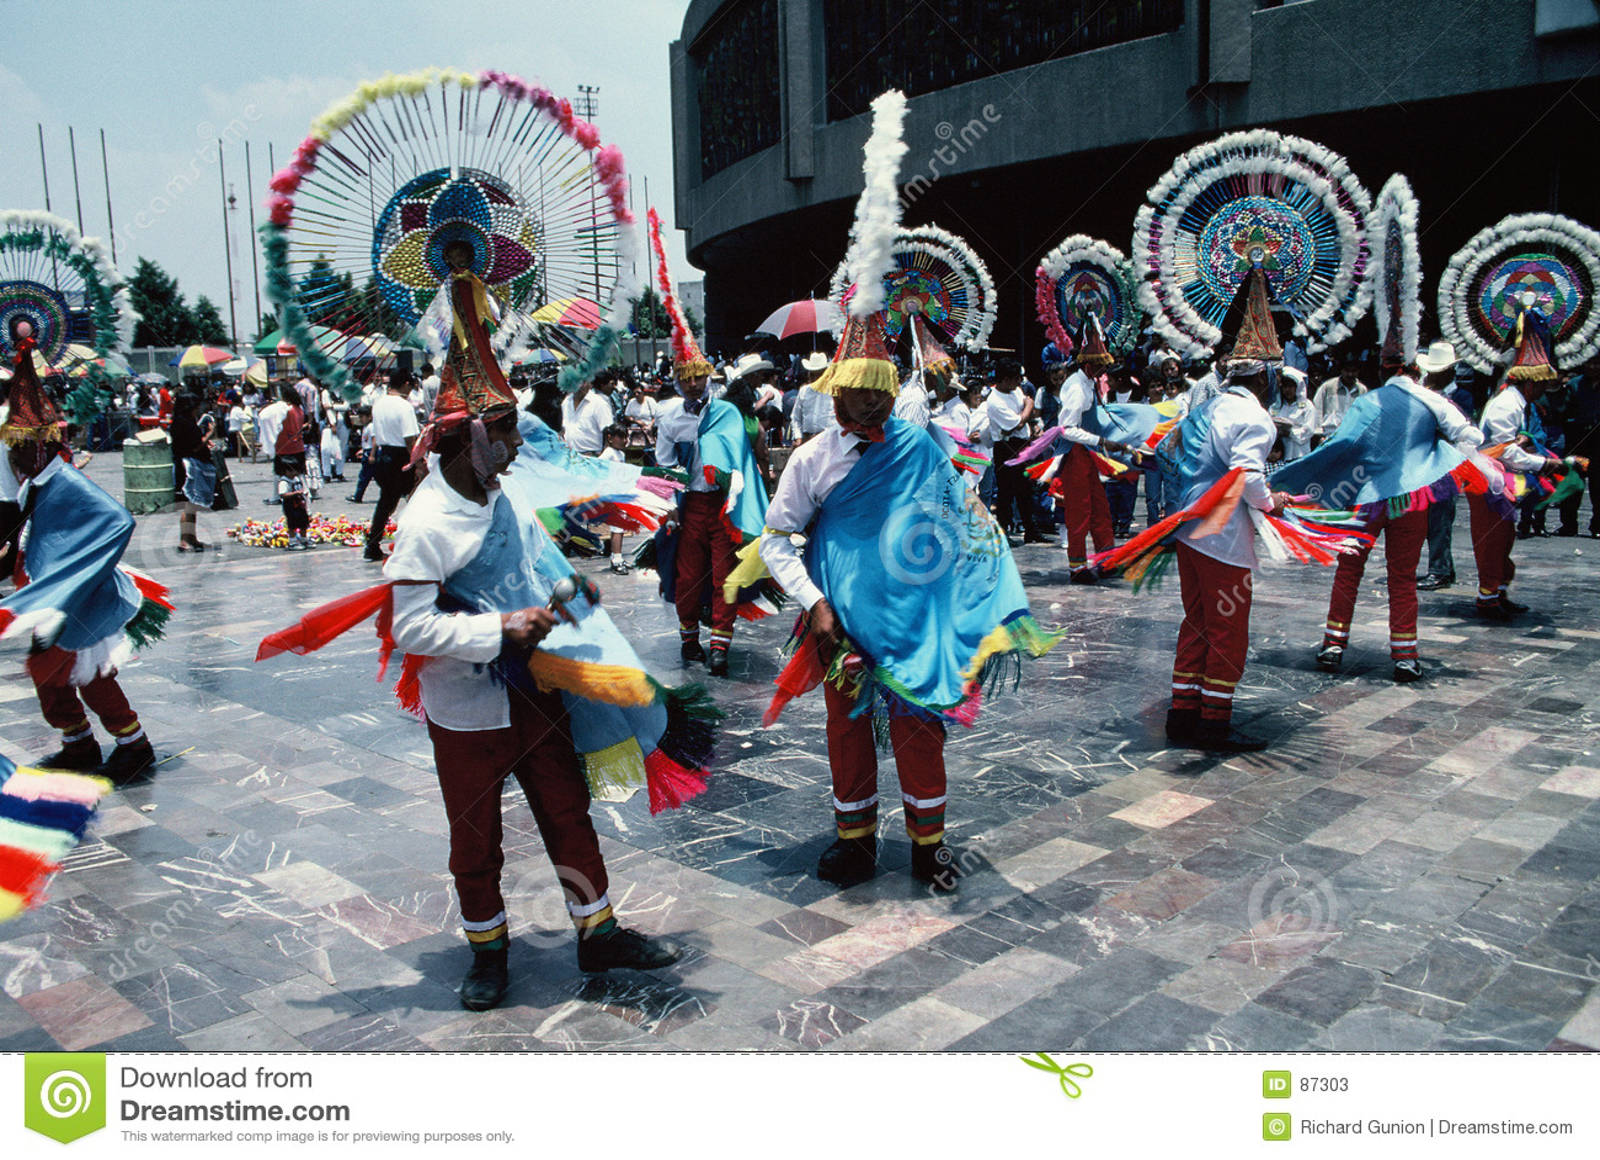 Ciudad azteca de Bailarín-México